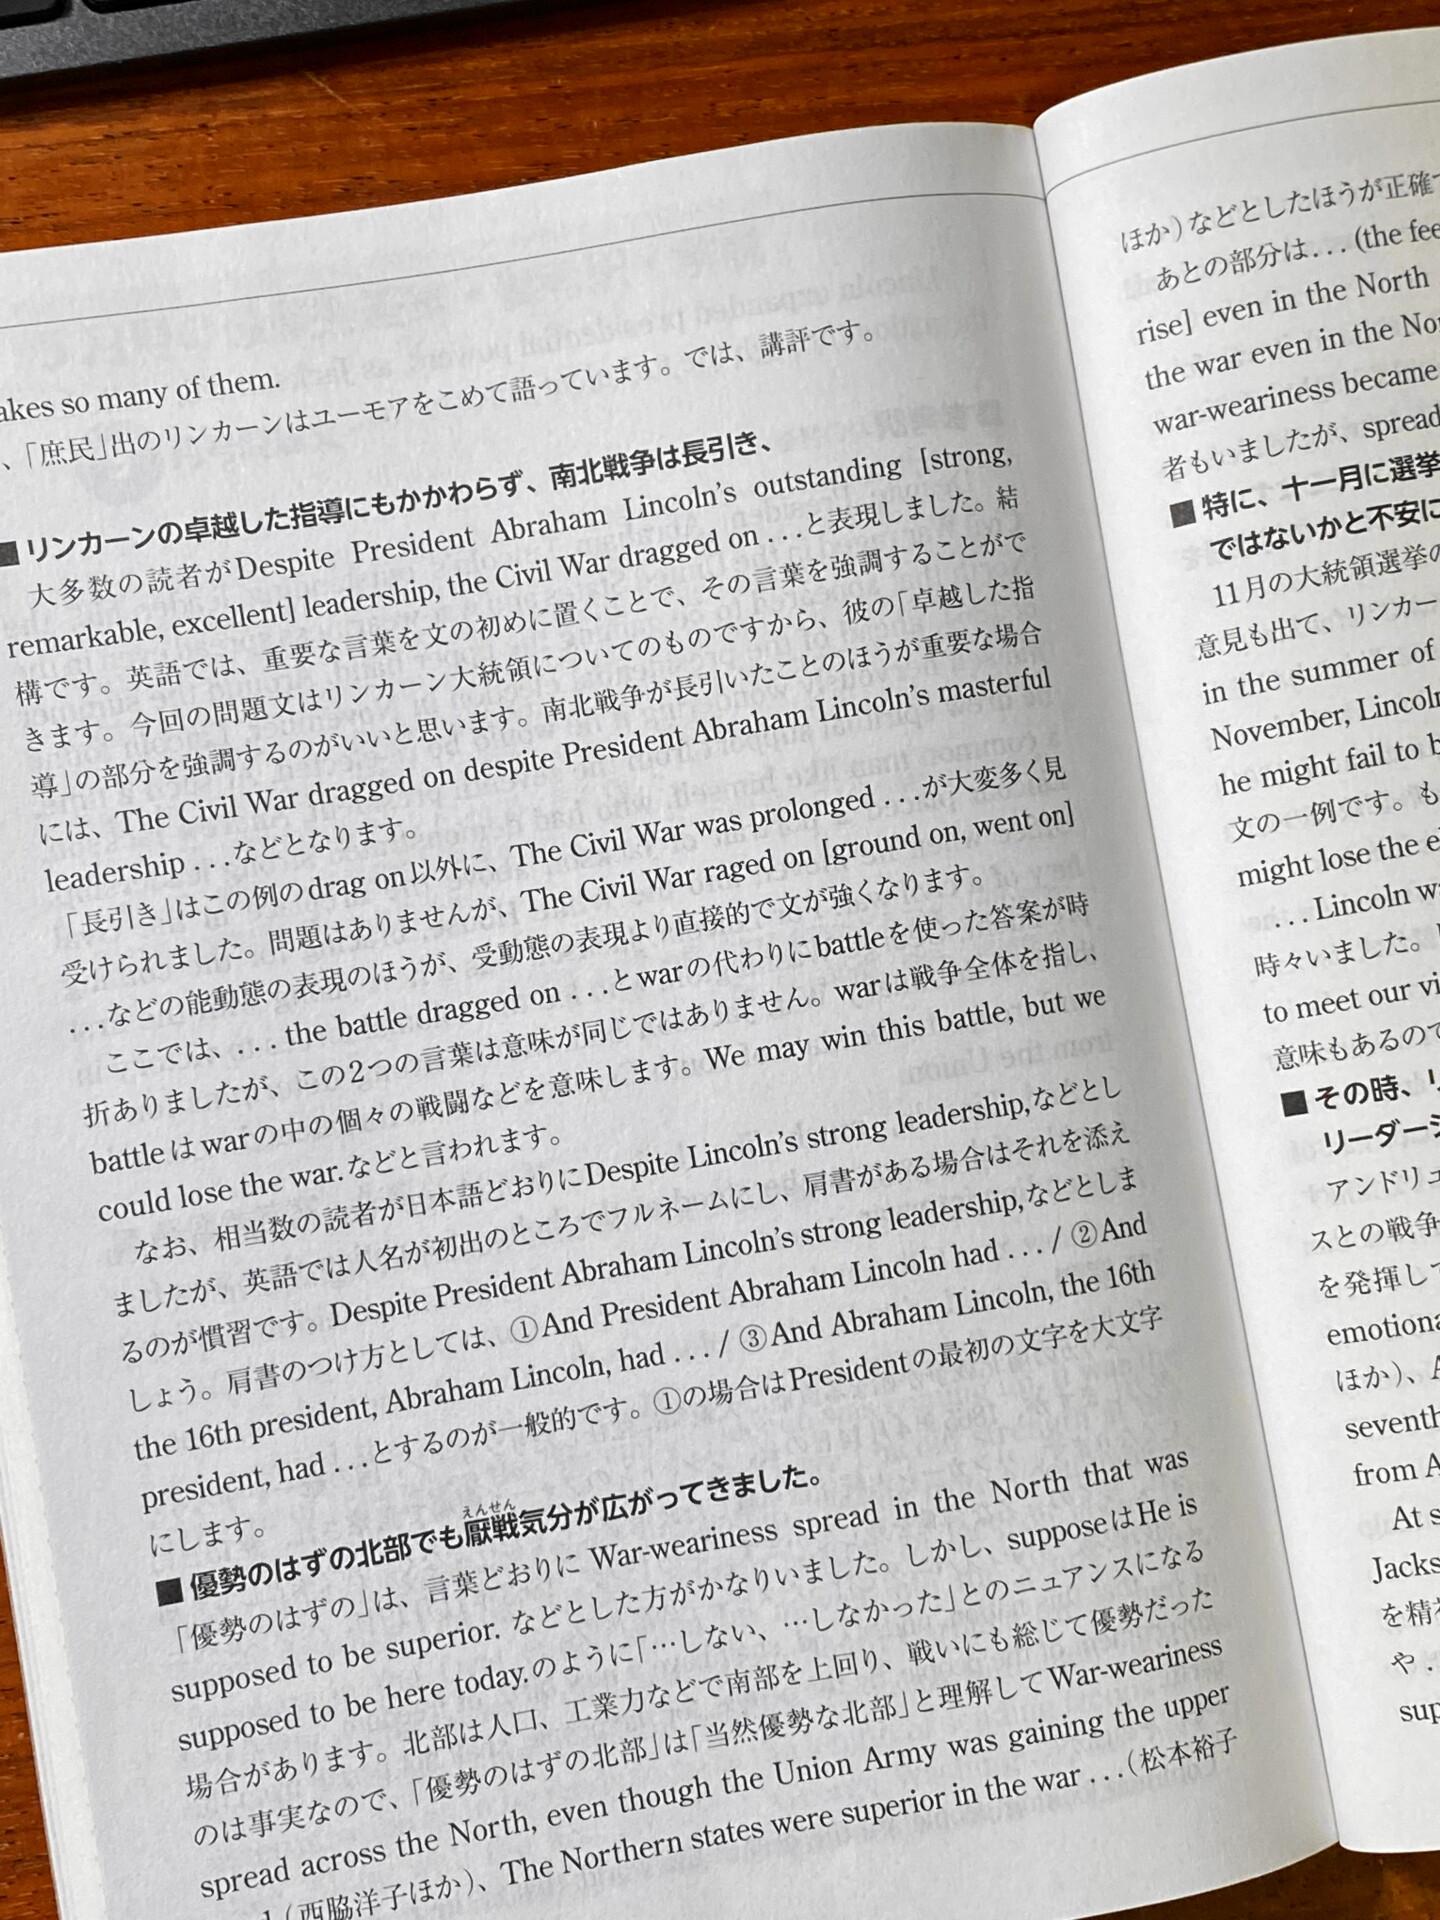 5月号の課題文に対する解説